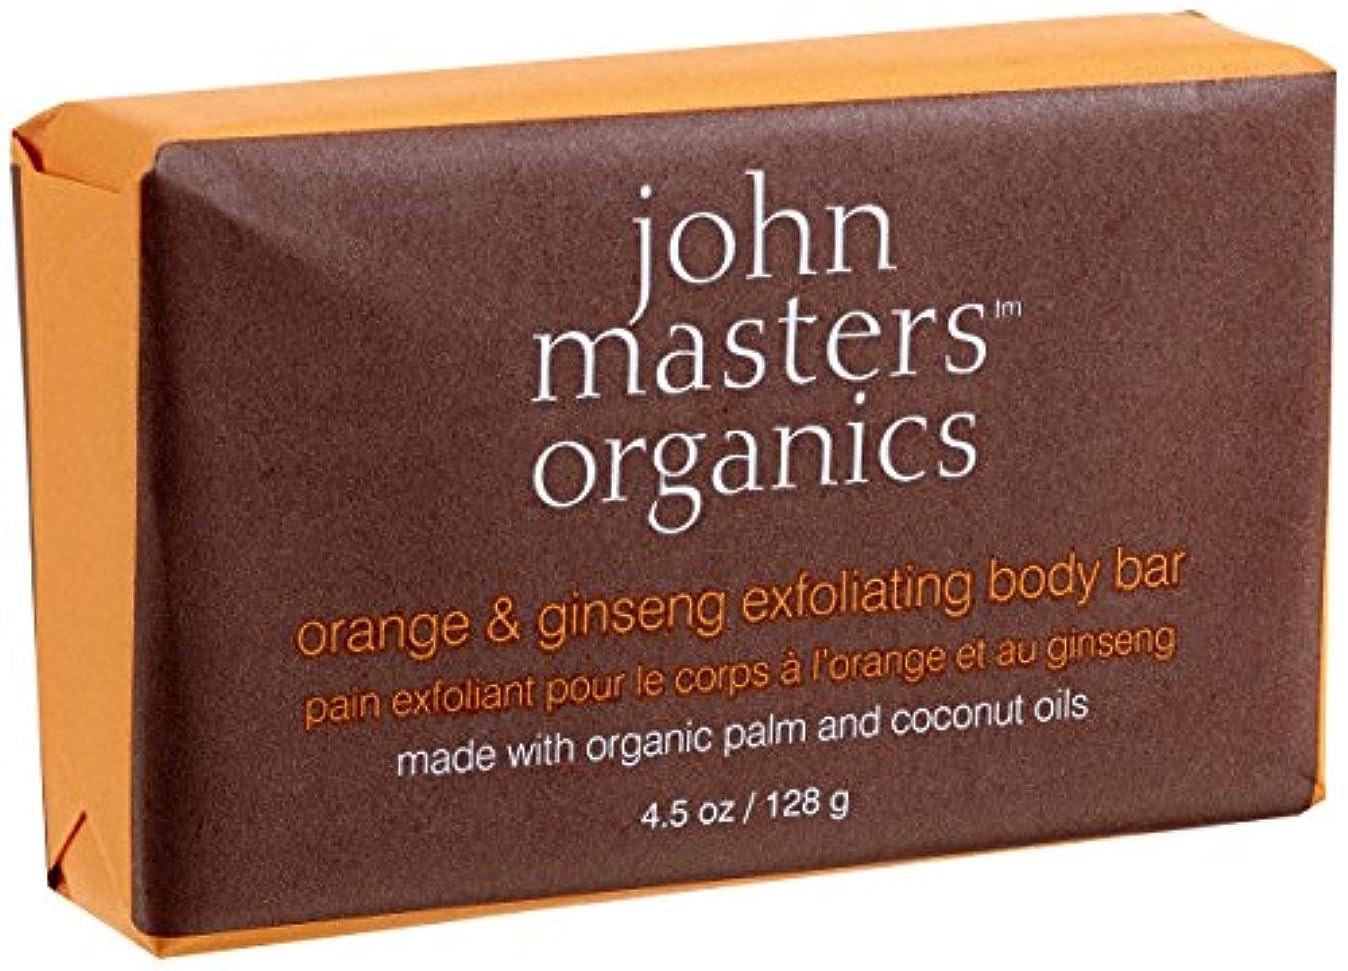 肉腫洞察力興奮するジョンマスターオーガニック オレンジ&ジンセンエクスフォリエイティングボディソープ 128g